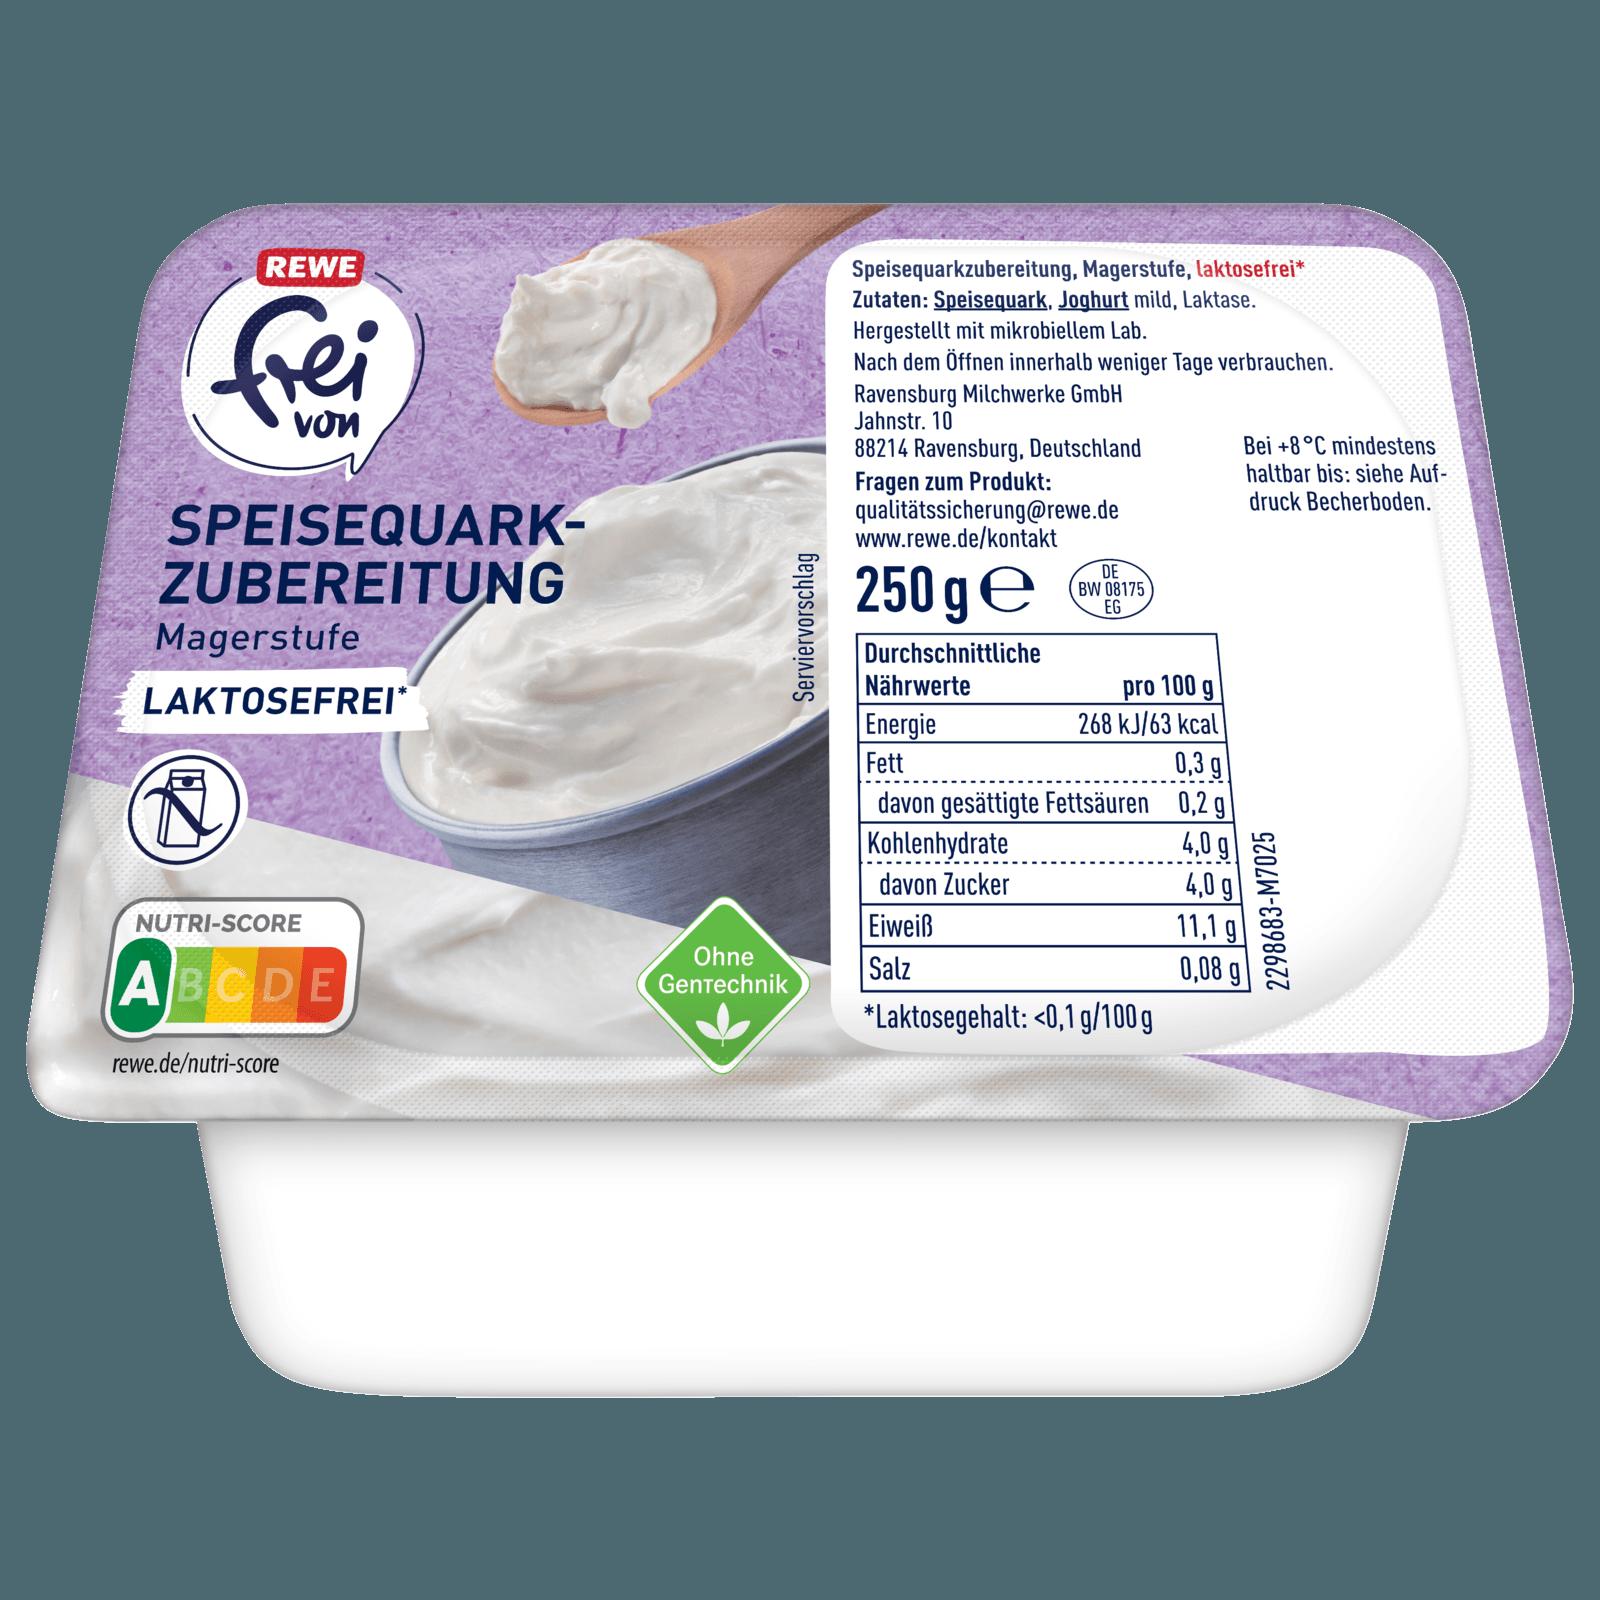 Rewe Frei Von Speisequarkzubereitung Magerstufe 250g Bei Rewe Online